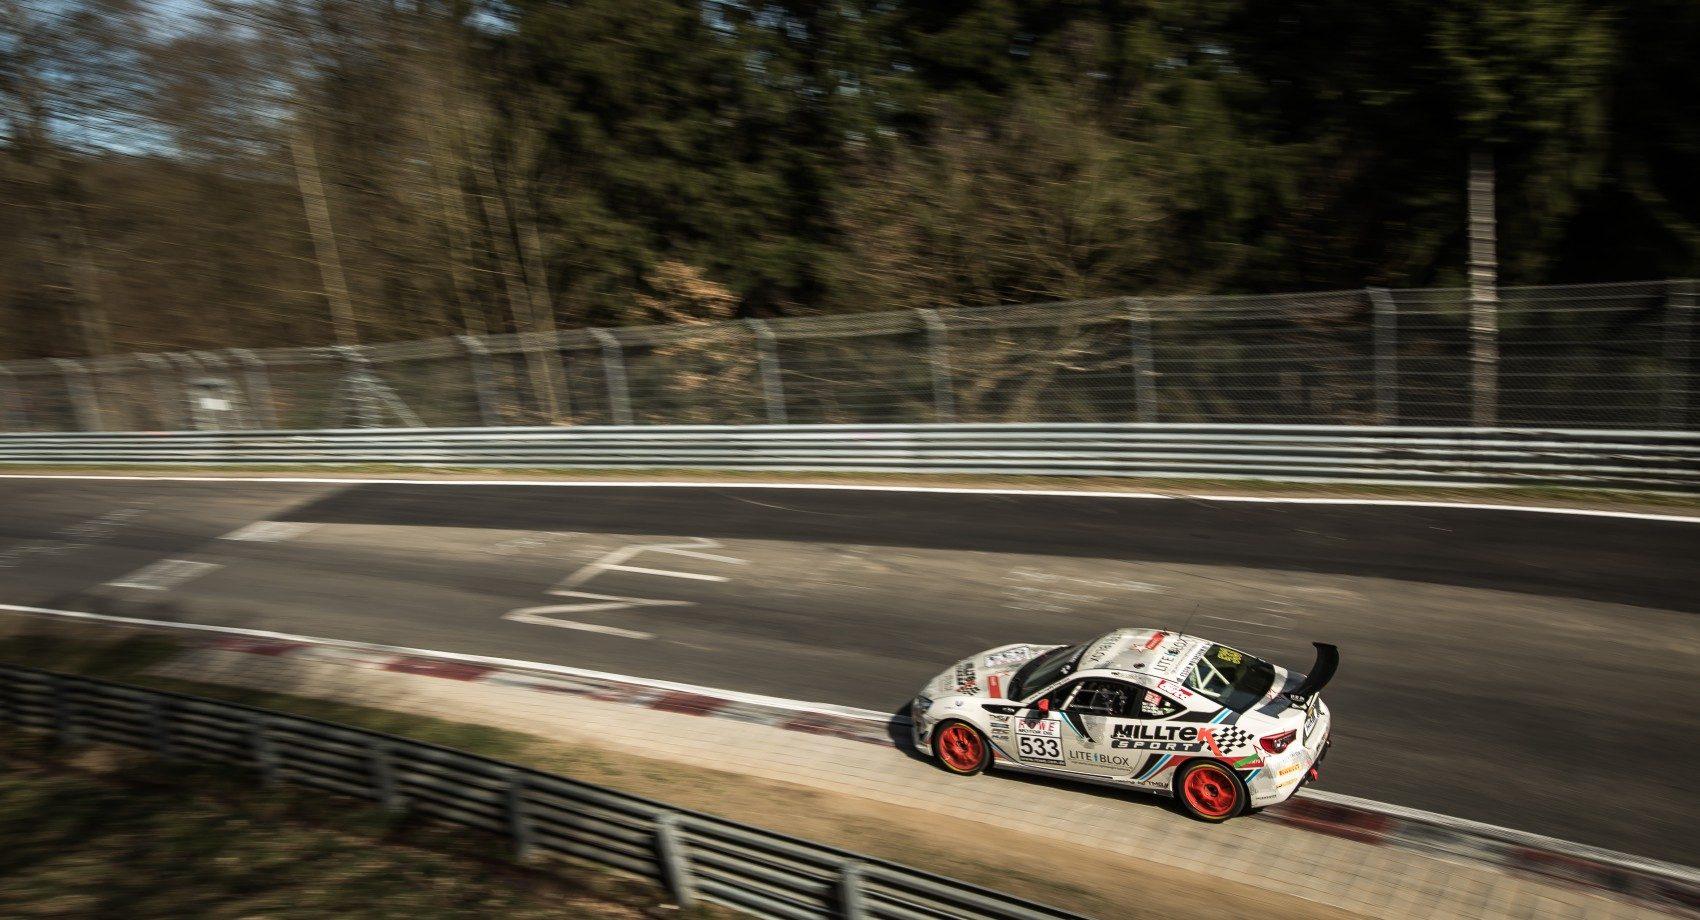 Toyota GT86 Cup vom Team Milltek Racing - 24h Nürburgring 2017 (Foto: Toyota/Lexus)